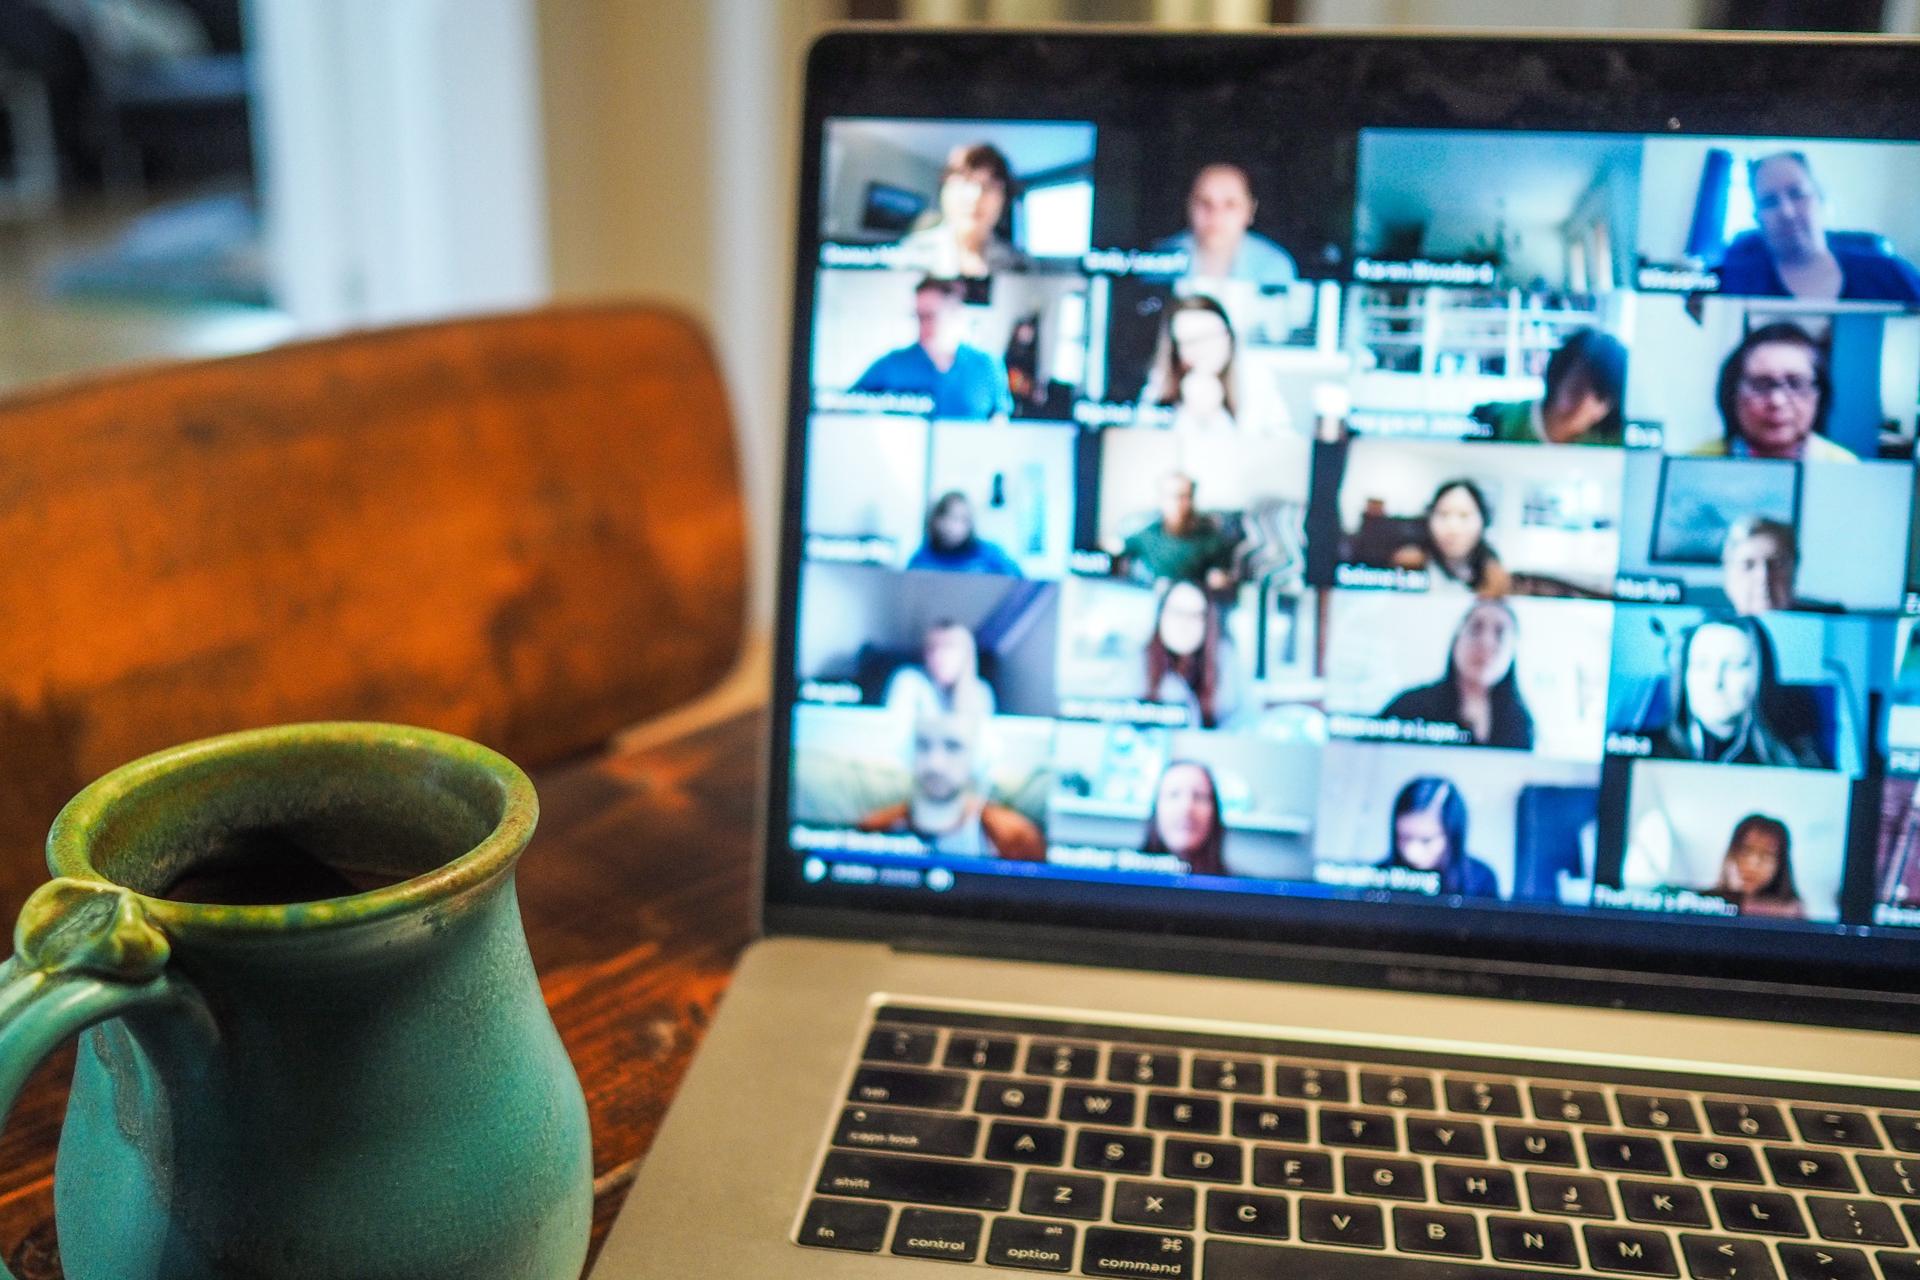 Bei roTeg laufen jetzt immer öfter Videokonferenzen ab